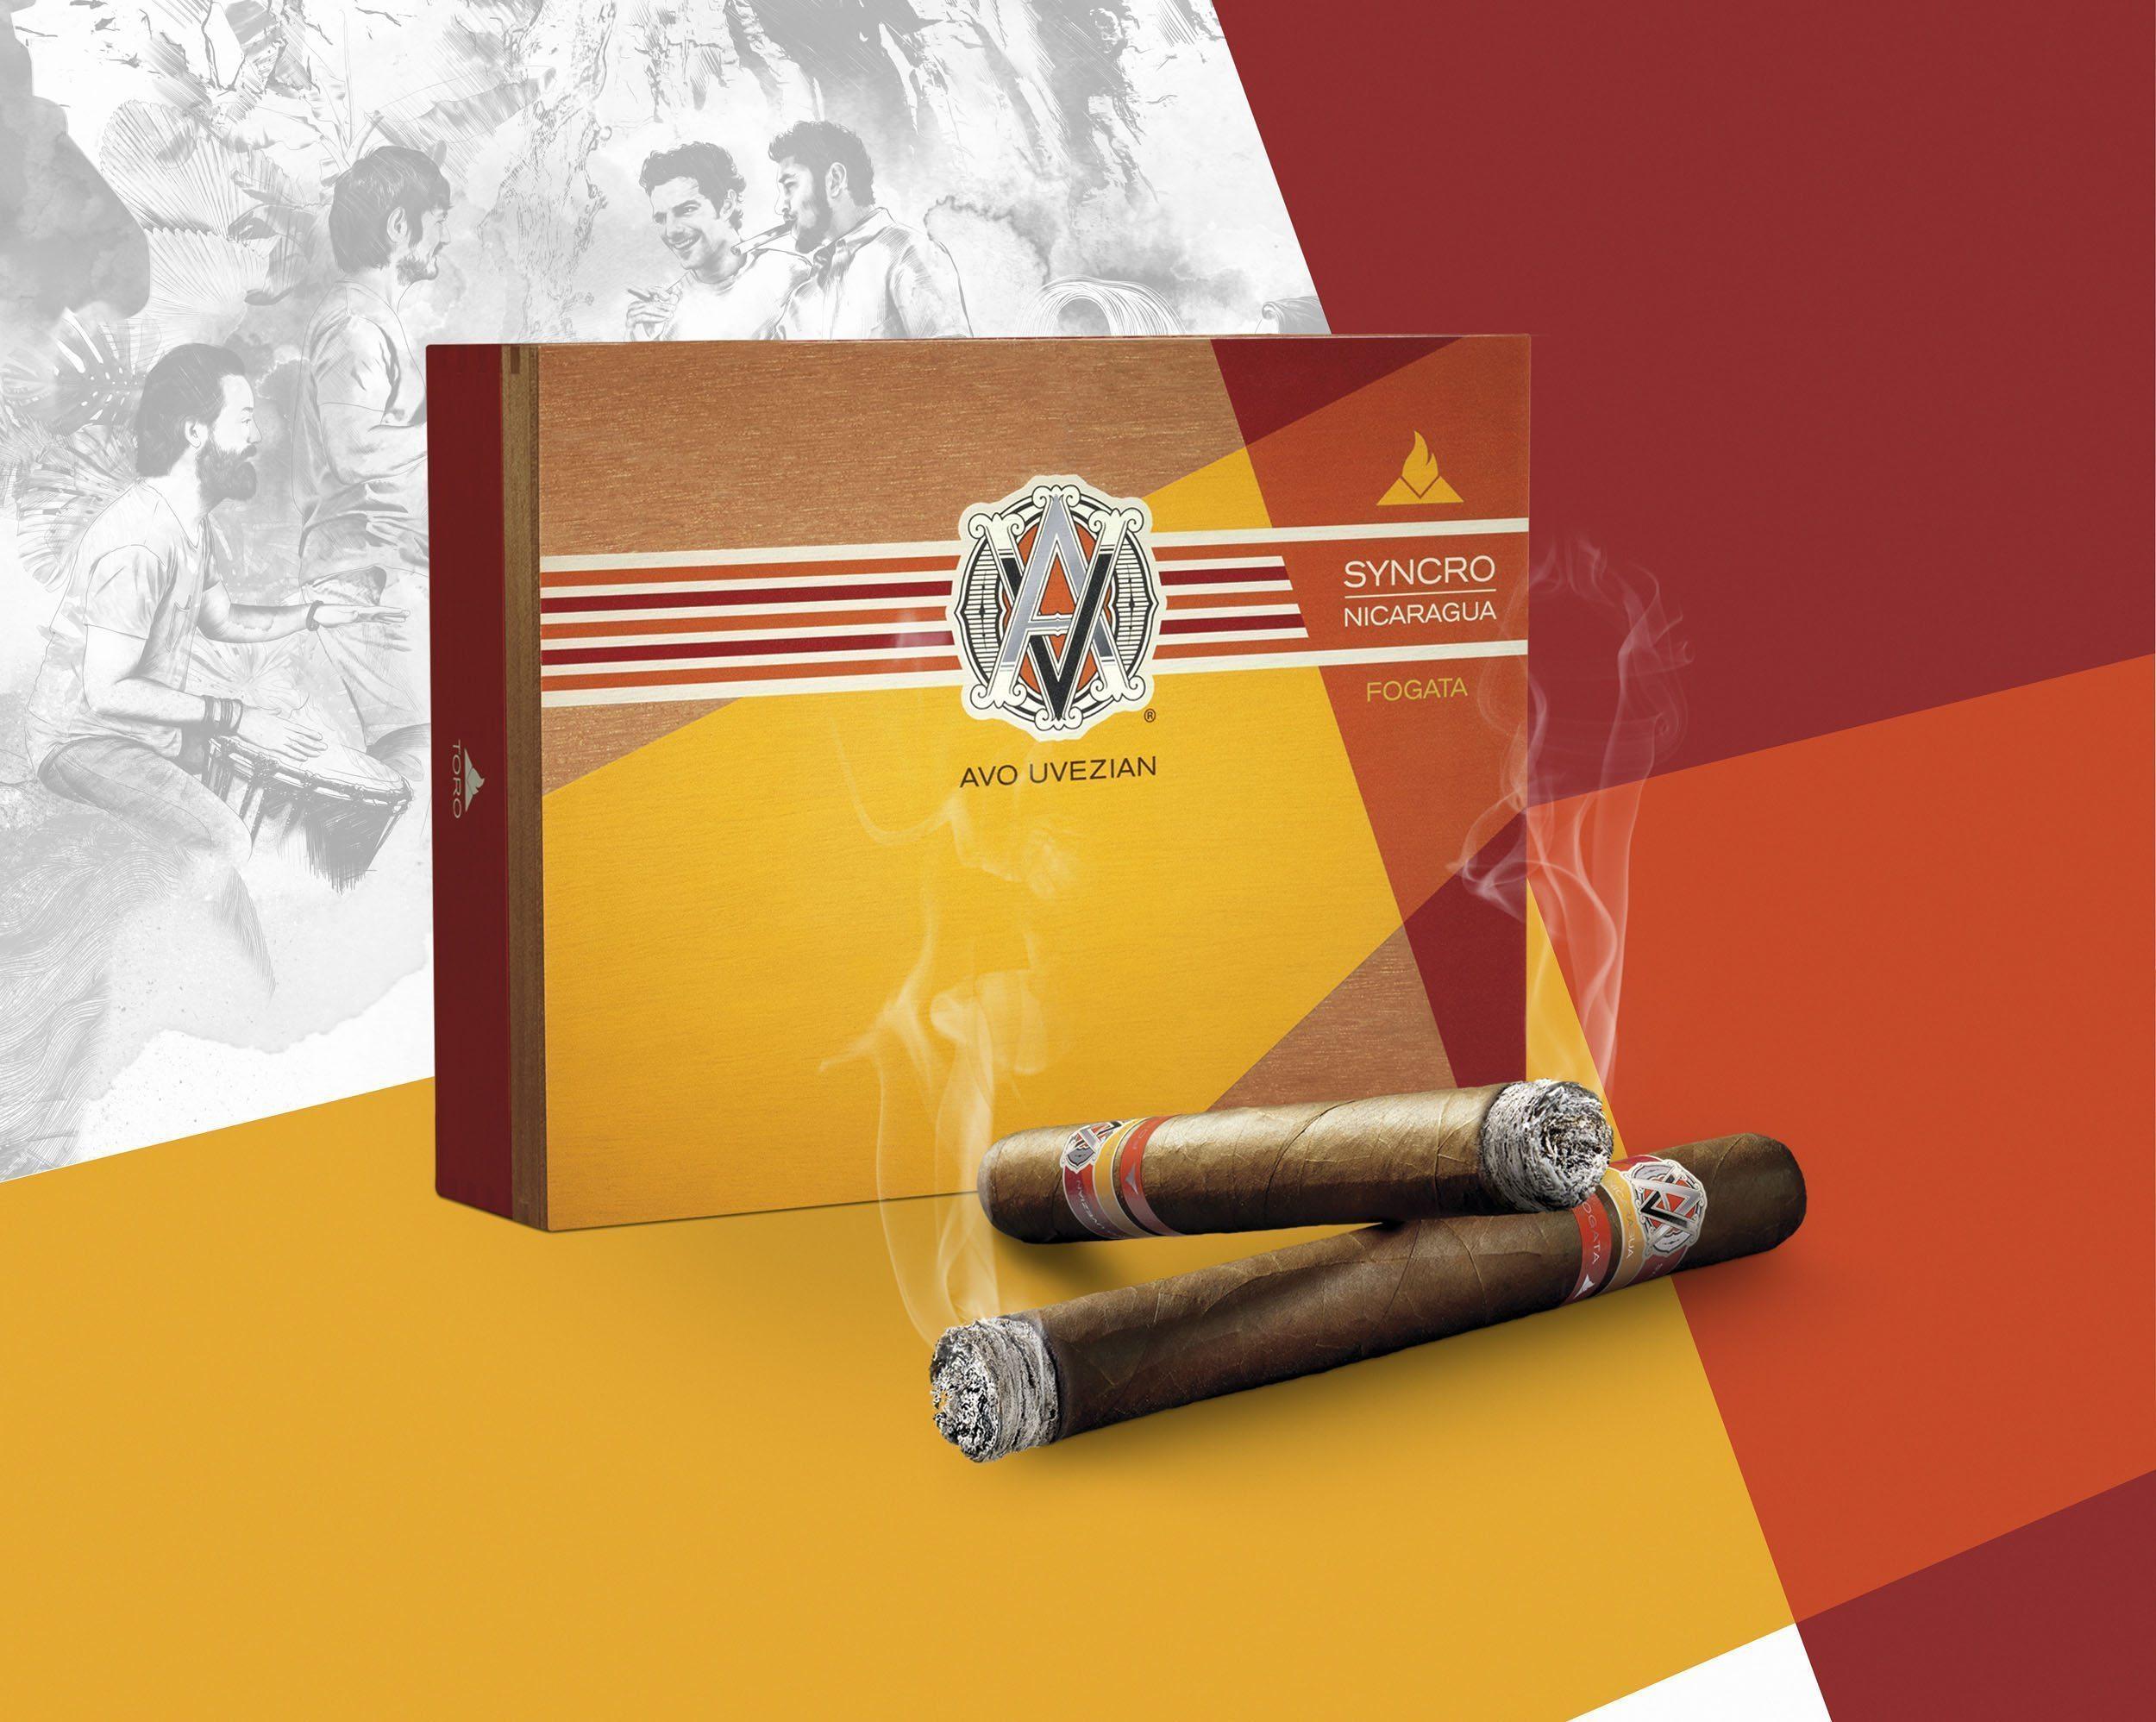 Cigar News: Davidoff Announces AVO Syncro Nicaragua Fogata